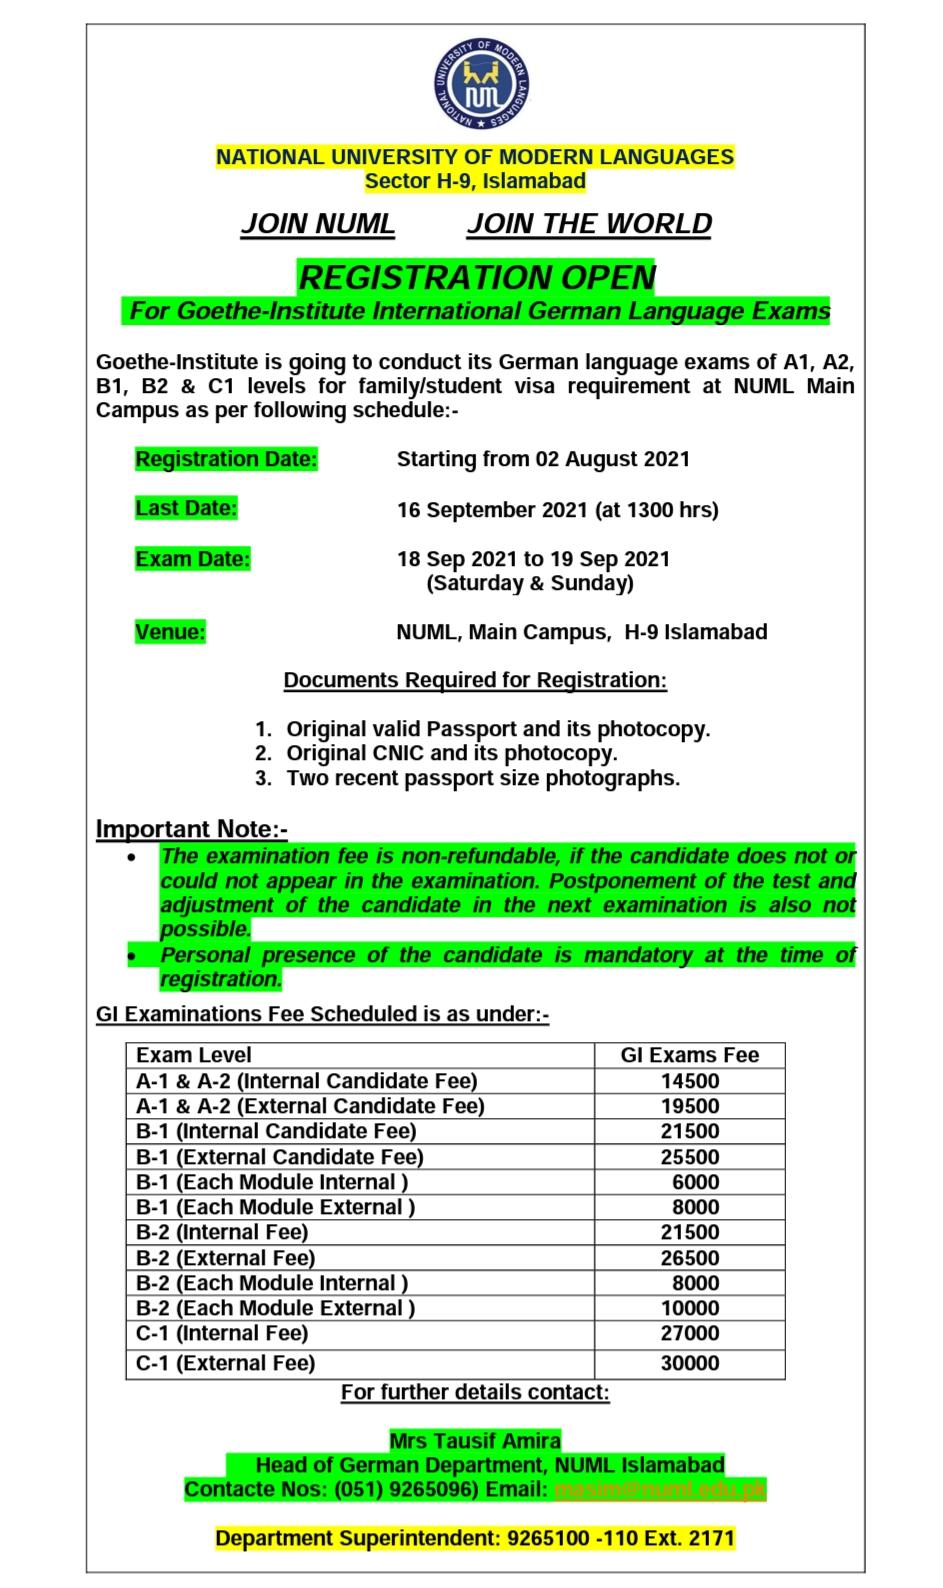 Registration open for Goethe Institute Exam